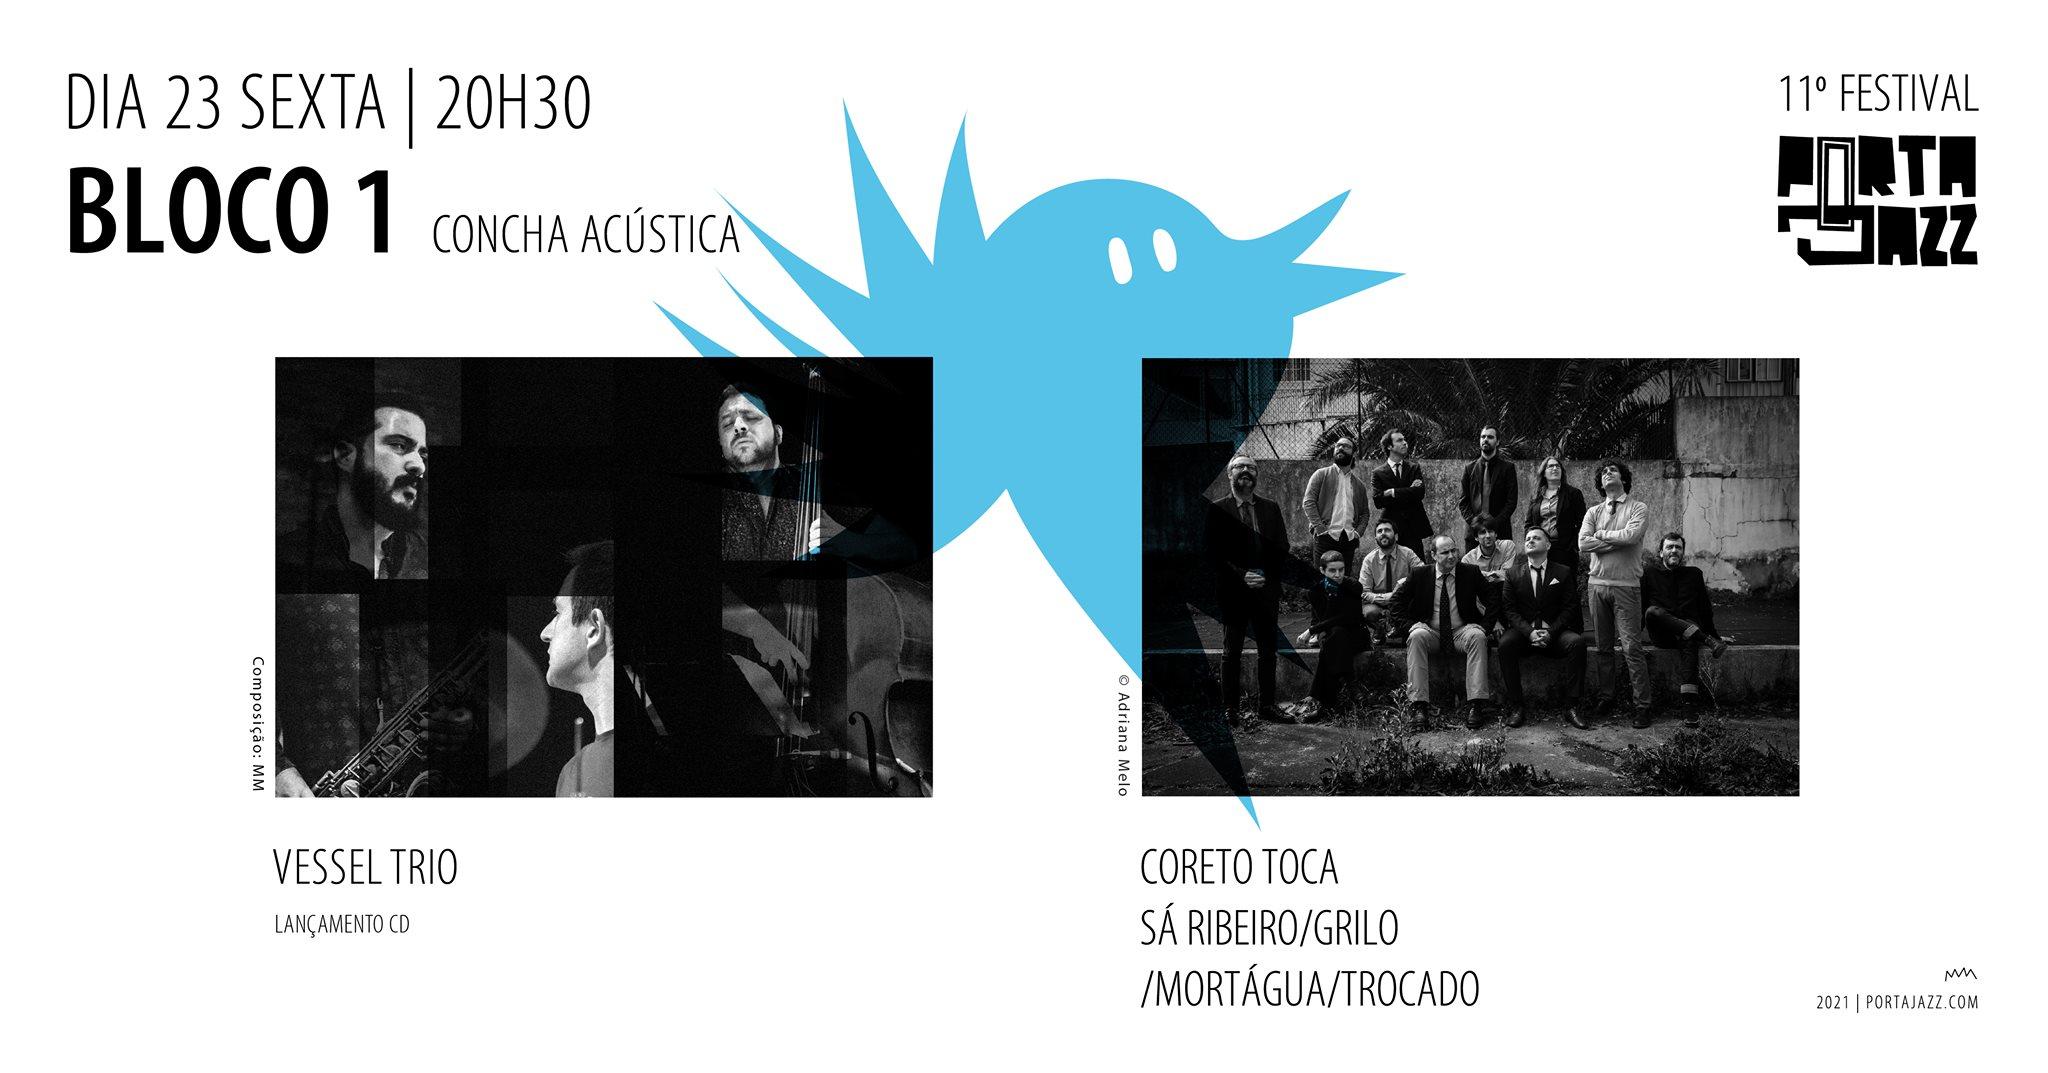 11º Festival Porta-Jazz      Bloco 1   Vessel Trio + Coreto toca Sá Ribeiro/Grilo/Mortágua/Trocado